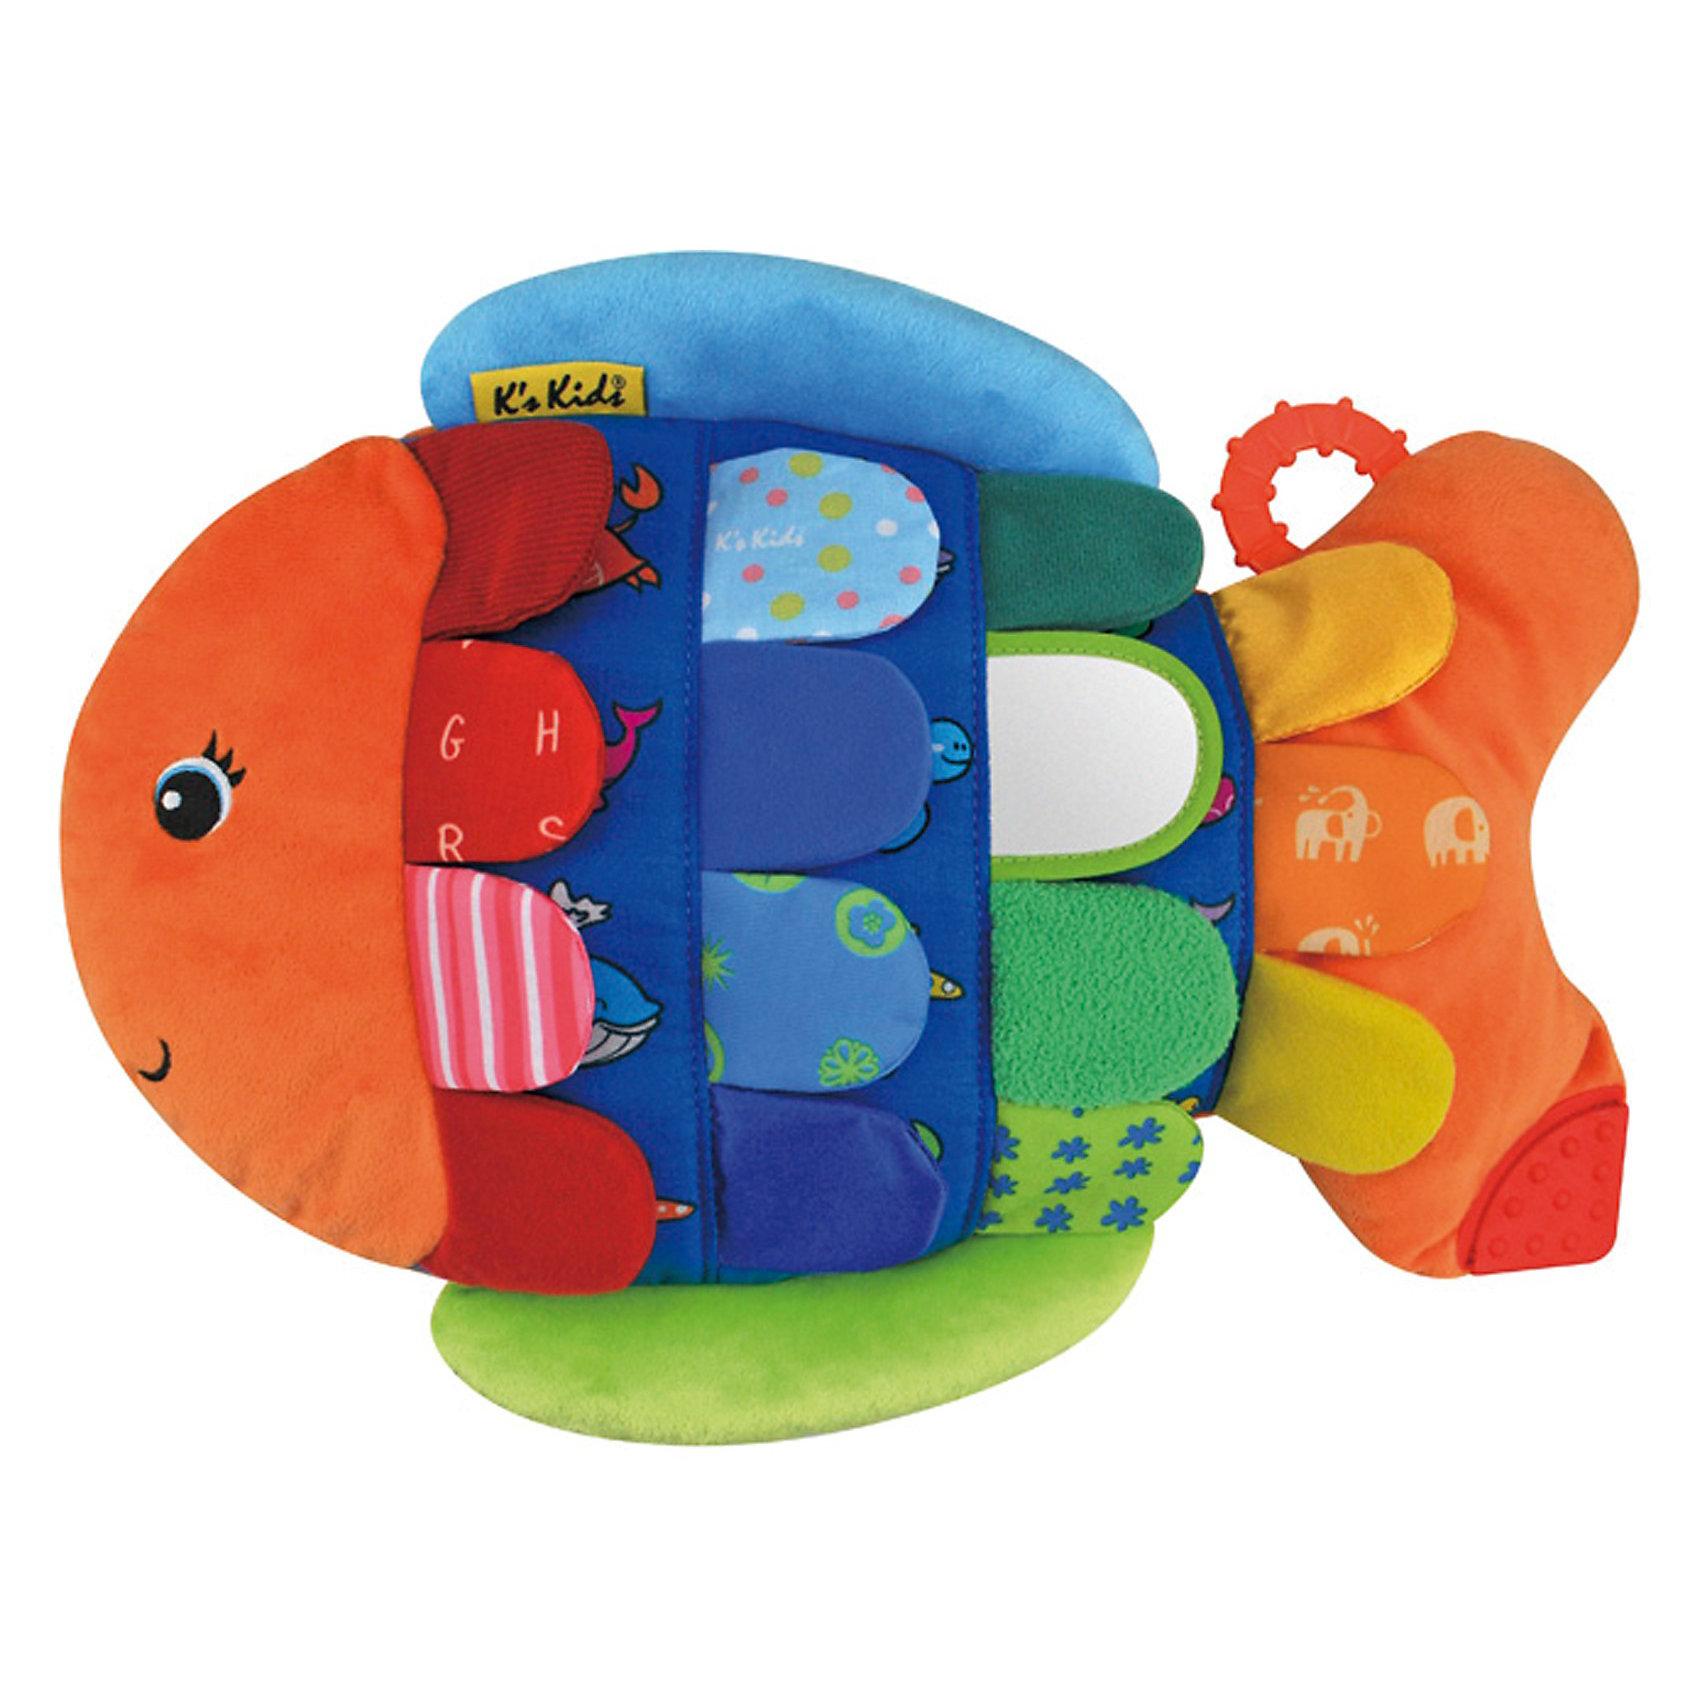 Развивающая игрушка Рыбка- Флиппер, Ks KidsРыбка-Флиппер надолго займёт малыша, предлагая ему разнообразные развлечения и интересные игры. Чешуйки рыбки сделаны из тканей разной фактуры, чтобы малыш развивал осязание. Под лоскутками спрятаны изображения морских животных - так открывая их, малыш будет тренировать  память. Также у Флиппера есть зеркальце и прорезыватель, то есть ребенок стимулирует любопытство и может снять зуд с дёсен, если в этом есть необходимость. Когда малышу захочется отдохнуть,  то  Рыбка-Флиппер будет ему хорошей подушкой.<br><br>Дополнительная информация:<br><br>- материал: текстиль <br>- цвет:  разноцветный<br>- размер товара: 37 х 28,5 х 4 см.<br>- размер упаковки: 38,5 x 28 x 7,5 см. <br>- вес : 553 гр.<br><br>Рыбку-Флиппер от Ks Kids можно купить в нашем интернет-магазине.<br><br>Ширина мм: 380<br>Глубина мм: 80<br>Высота мм: 290<br>Вес г: 553<br>Возраст от месяцев: 18<br>Возраст до месяцев: 36<br>Пол: Унисекс<br>Возраст: Детский<br>SKU: 3360851